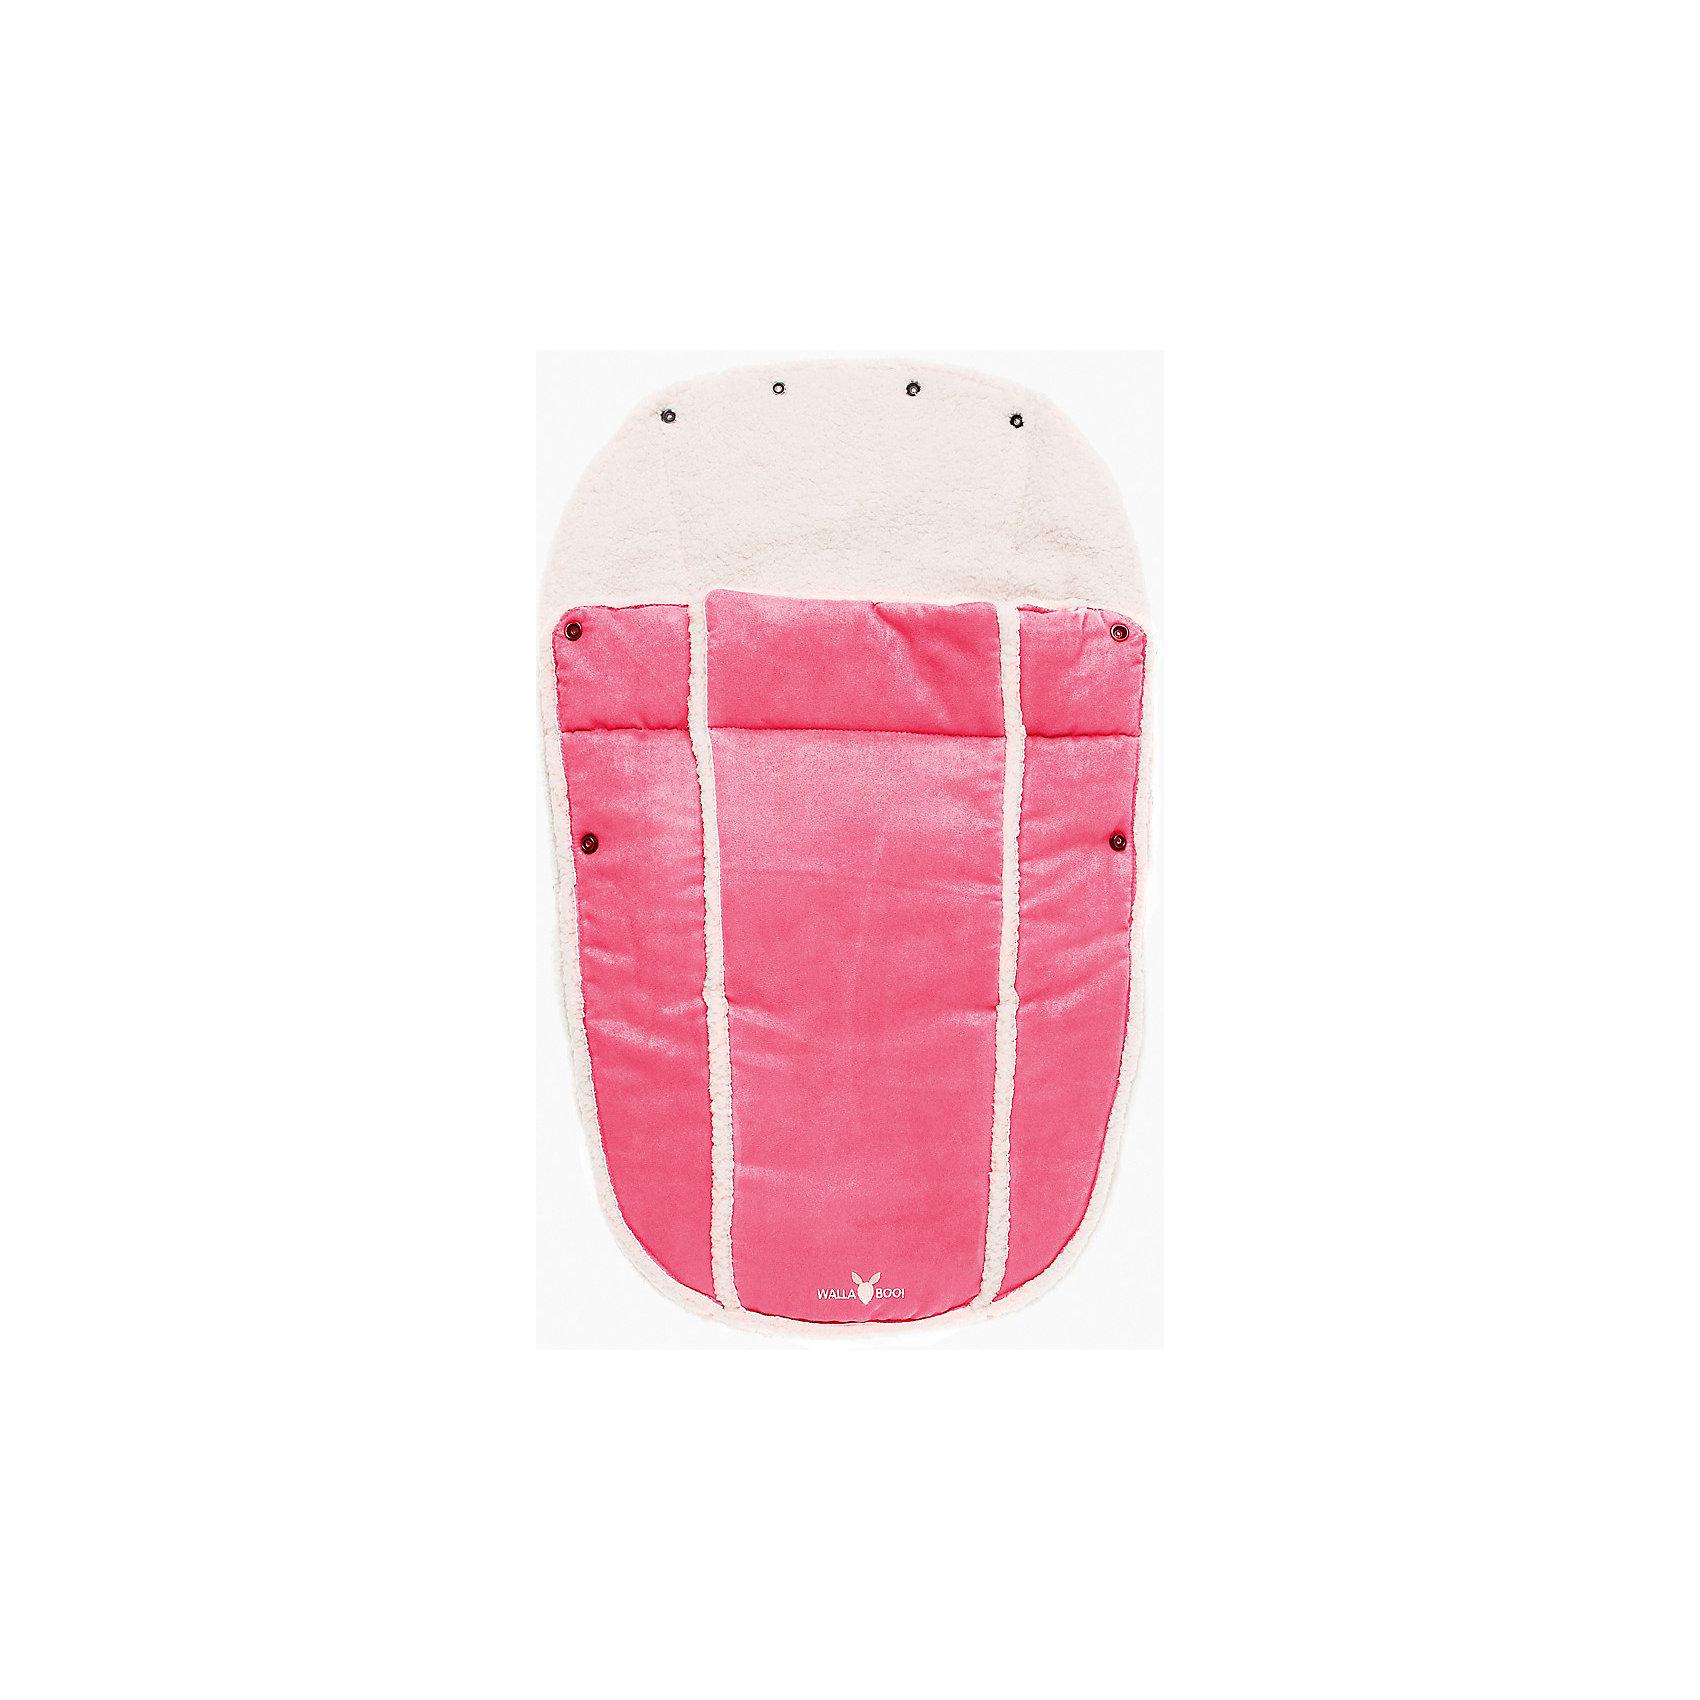 Конверт в коляску 0-12 месяцев, Wallaboo, розовыйВаш малыш не любит одеваться? Просто посадите его в уютный конверт, и Вы готовы к путешествию!<br><br>Конверт в коляску 0-12 мес., Wallaboo отличает великолепное качество: верх - микроволокнистая замша (гипоаллергенна, легка в уходе), а  внутри - мягчайший плюш под овечью шкурку. Конверт специально создан для удобства родителей и комфорта малыша: нет необходимости дополнительно надевать на ребенка курточку или теплый комбинезон в прохладную погоду или во время перевозки малыша в автомобиле.<br>Конверт многофункциональный:    <br>- легко пристегивается к автокреслу группы 0 и 0+<br>- можно использовать как конверт на выписку из роддома<br>- если отстегнуть верхнюю часть, муфта превращается в мягкий чехол-подкладку <br><br>Удобно Вам и комфортно малышу:<br><br>- верхняя часть конверта при помощи специальных кнопок образует капюшон и защищает малыша от ветра и непогоды<br>- две боковые застежки-молнии по всей длине конверта, позволяют полностью и очень быстро отстегнуть верхнюю часть муфты от внутренней<br><br>Дополнительная информация:<br><br>- Наполнитель – синтепон 120 грамм.<br>- Подходит для кресел с 3-х и 5-титочечными ремнями безопасности<br>- Машинная стирка при температуре 30 градусов. Быстро сохнет.<br>- Размер: 45 х 72 см<br>- Вес: 500 г<br><br>Конверт в коляску 0-12 месяцев, Wallaboo, розовый можно купить в нашем магазине.<br><br>Ширина мм: 450<br>Глубина мм: 350<br>Высота мм: 70<br>Вес г: 500<br>Цвет: розовый<br>Возраст от месяцев: 0<br>Возраст до месяцев: 12<br>Пол: Женский<br>Возраст: Детский<br>SKU: 3812566